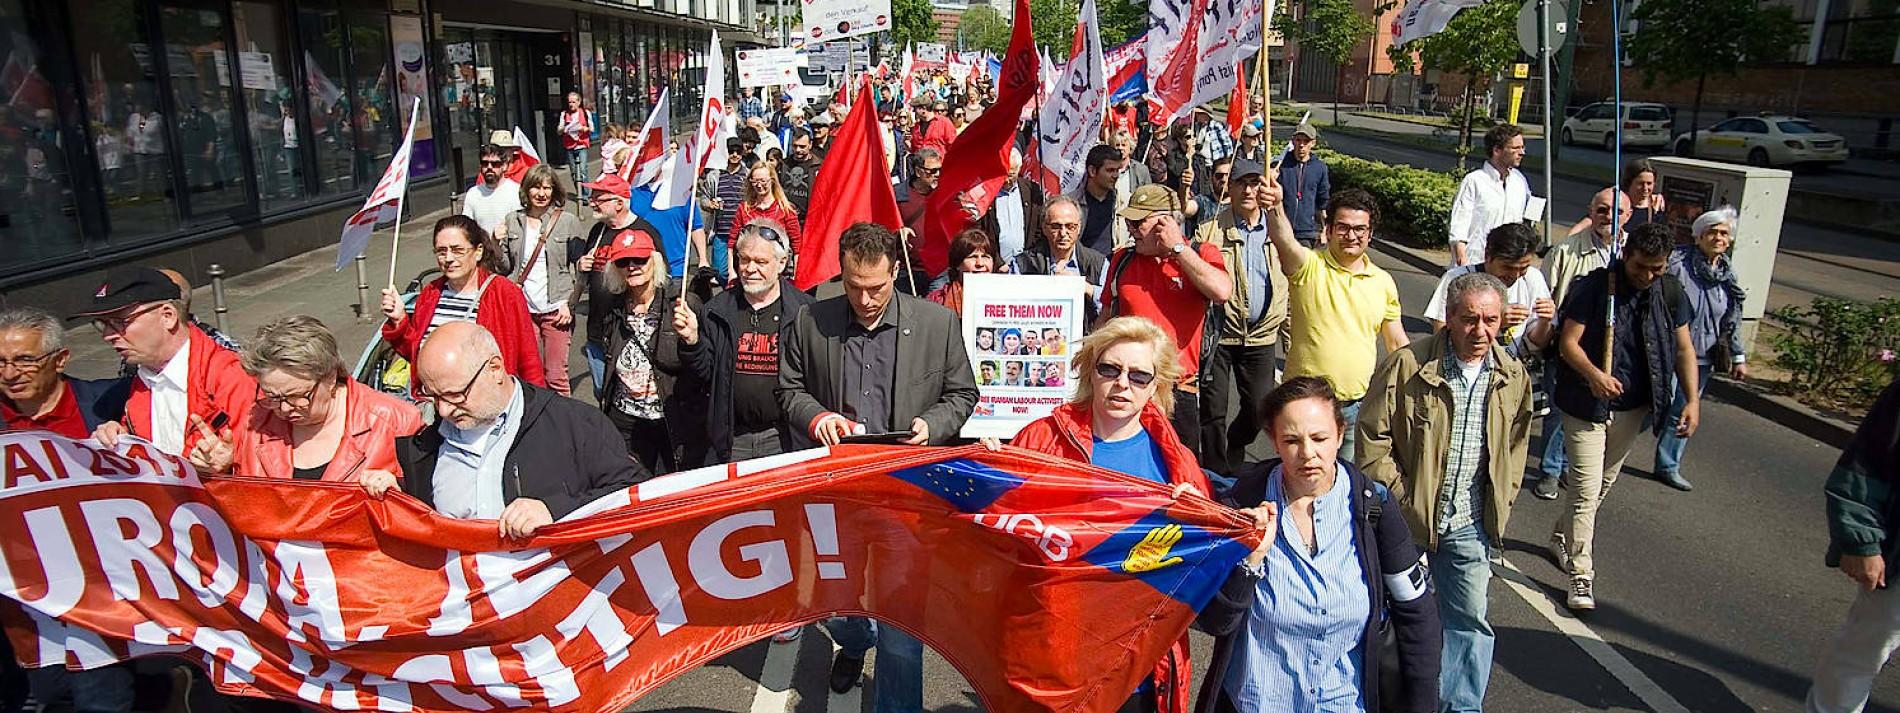 DGB Frankfurt will am 1. Mai auf die Straße gehen